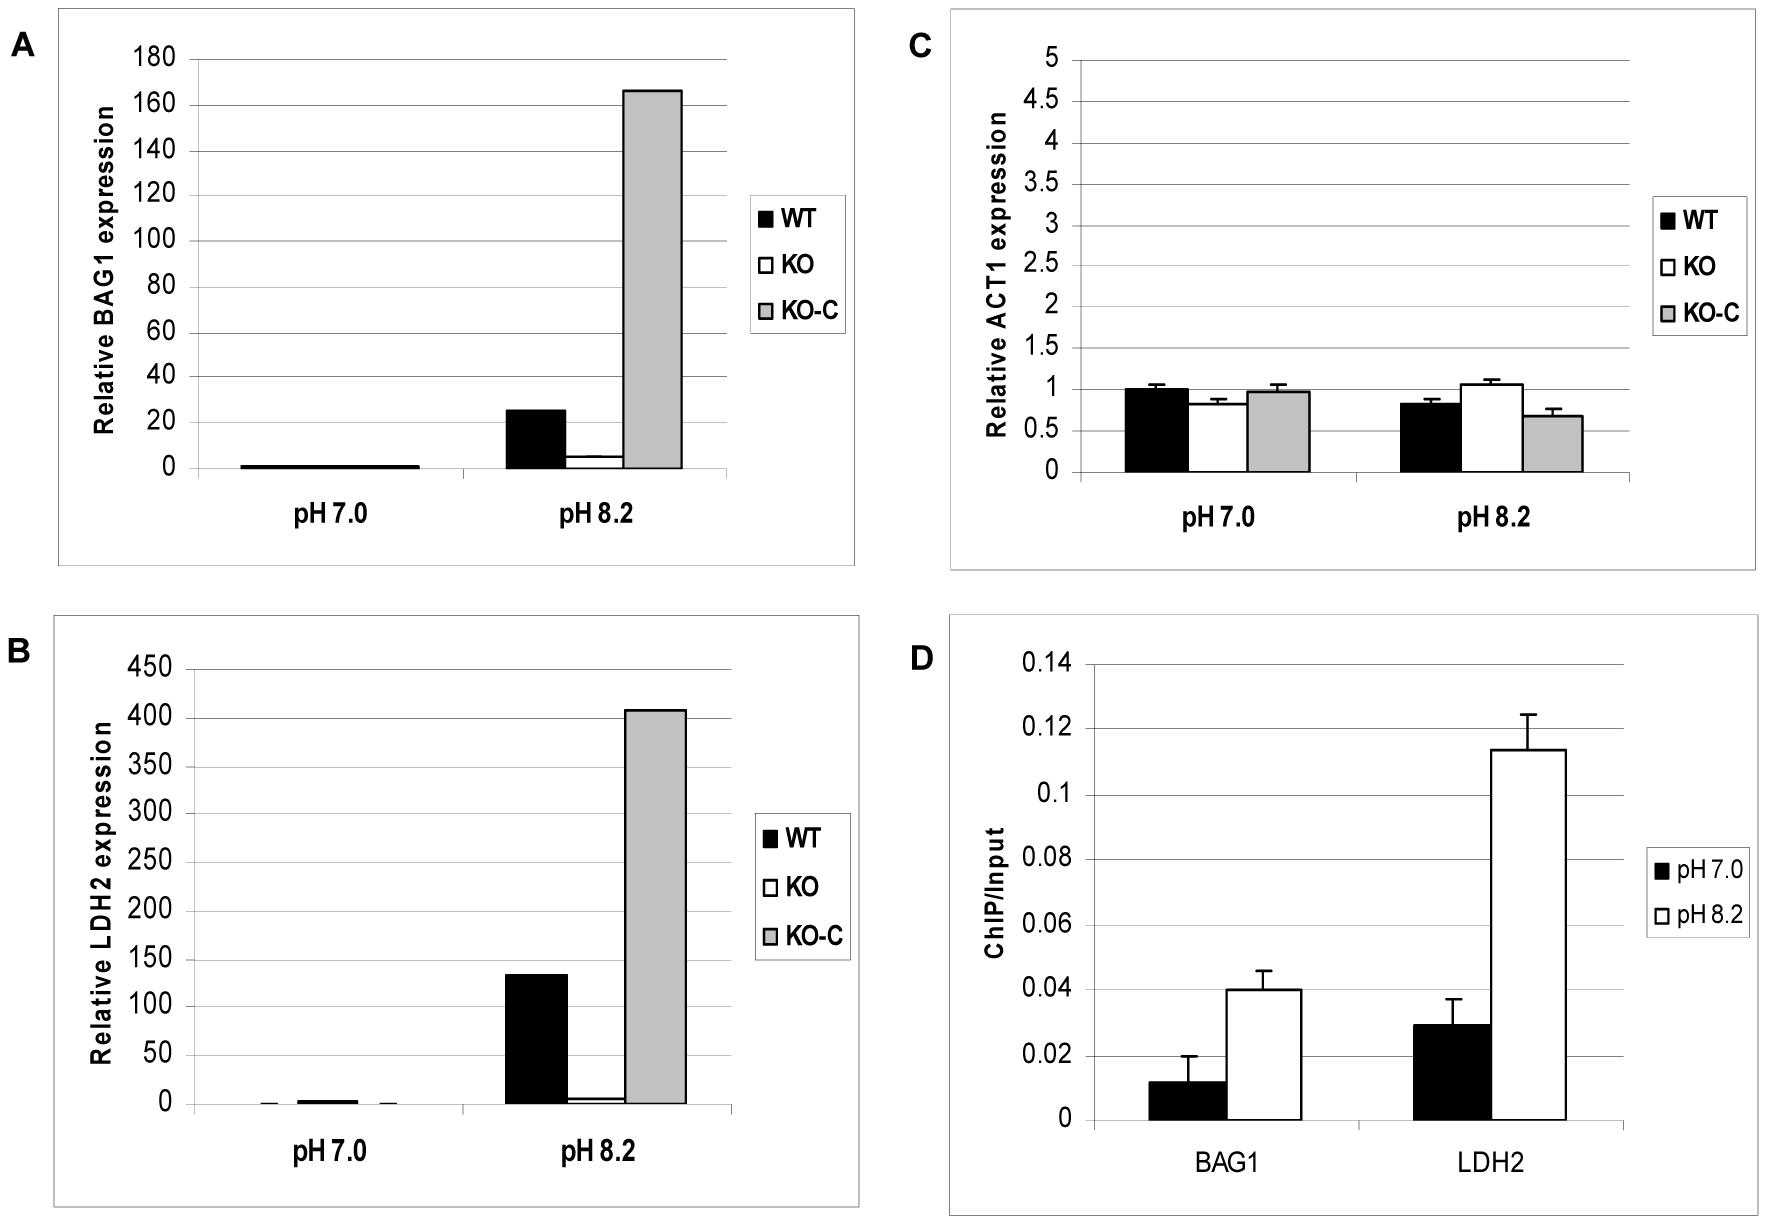 ΔGCN5-A parasites fail to up-regulate developmental genes in response to alkaline pH.